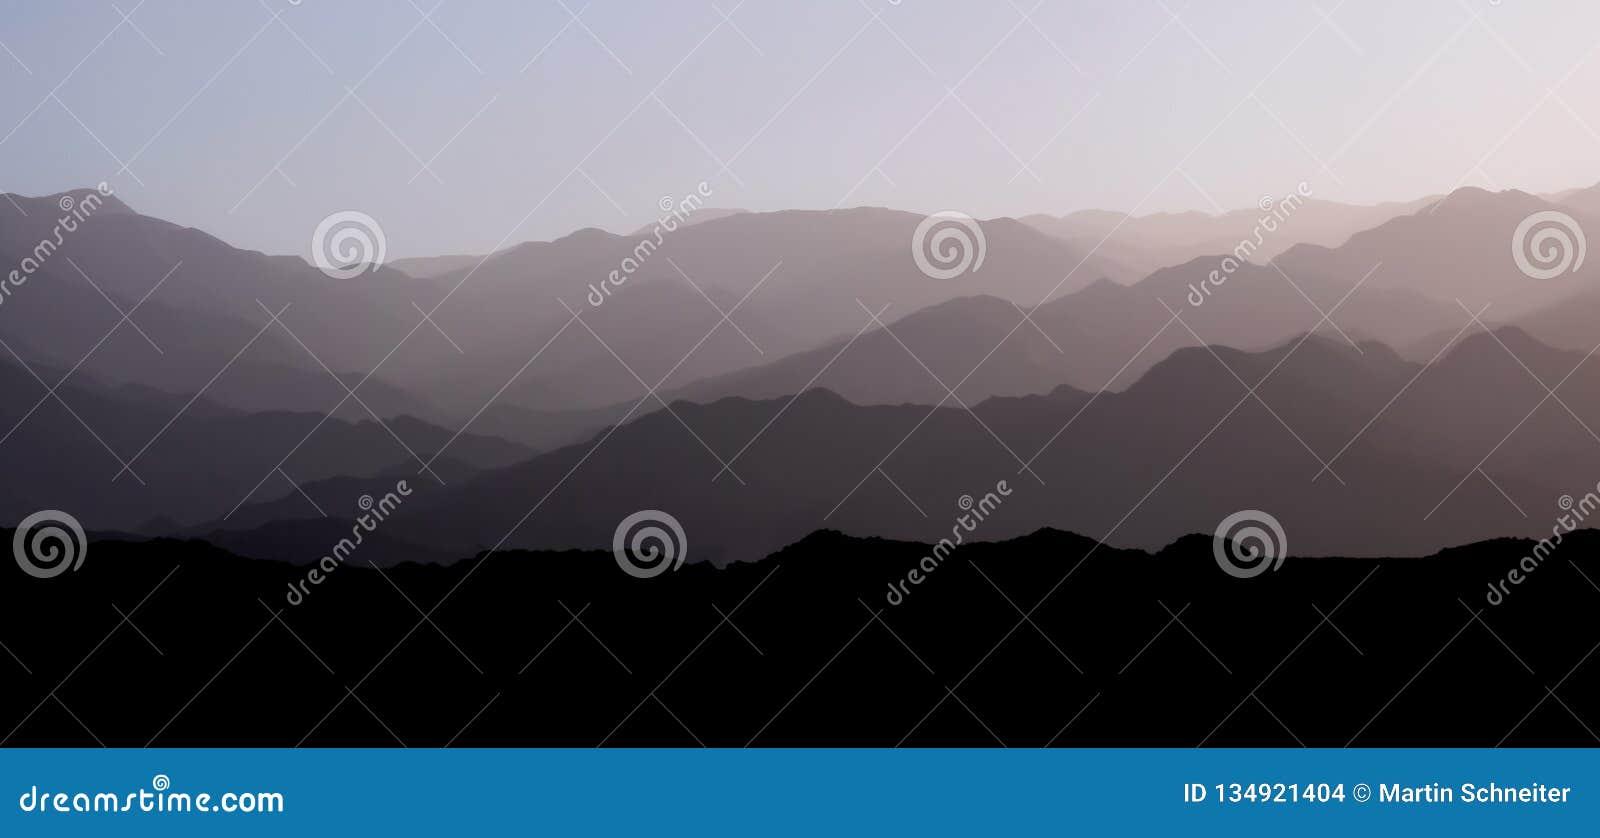 Couches de montagne de la gamme andine de pré-montagne de precordillera et de la Cordillère au coucher du soleil, San Juan, Argen